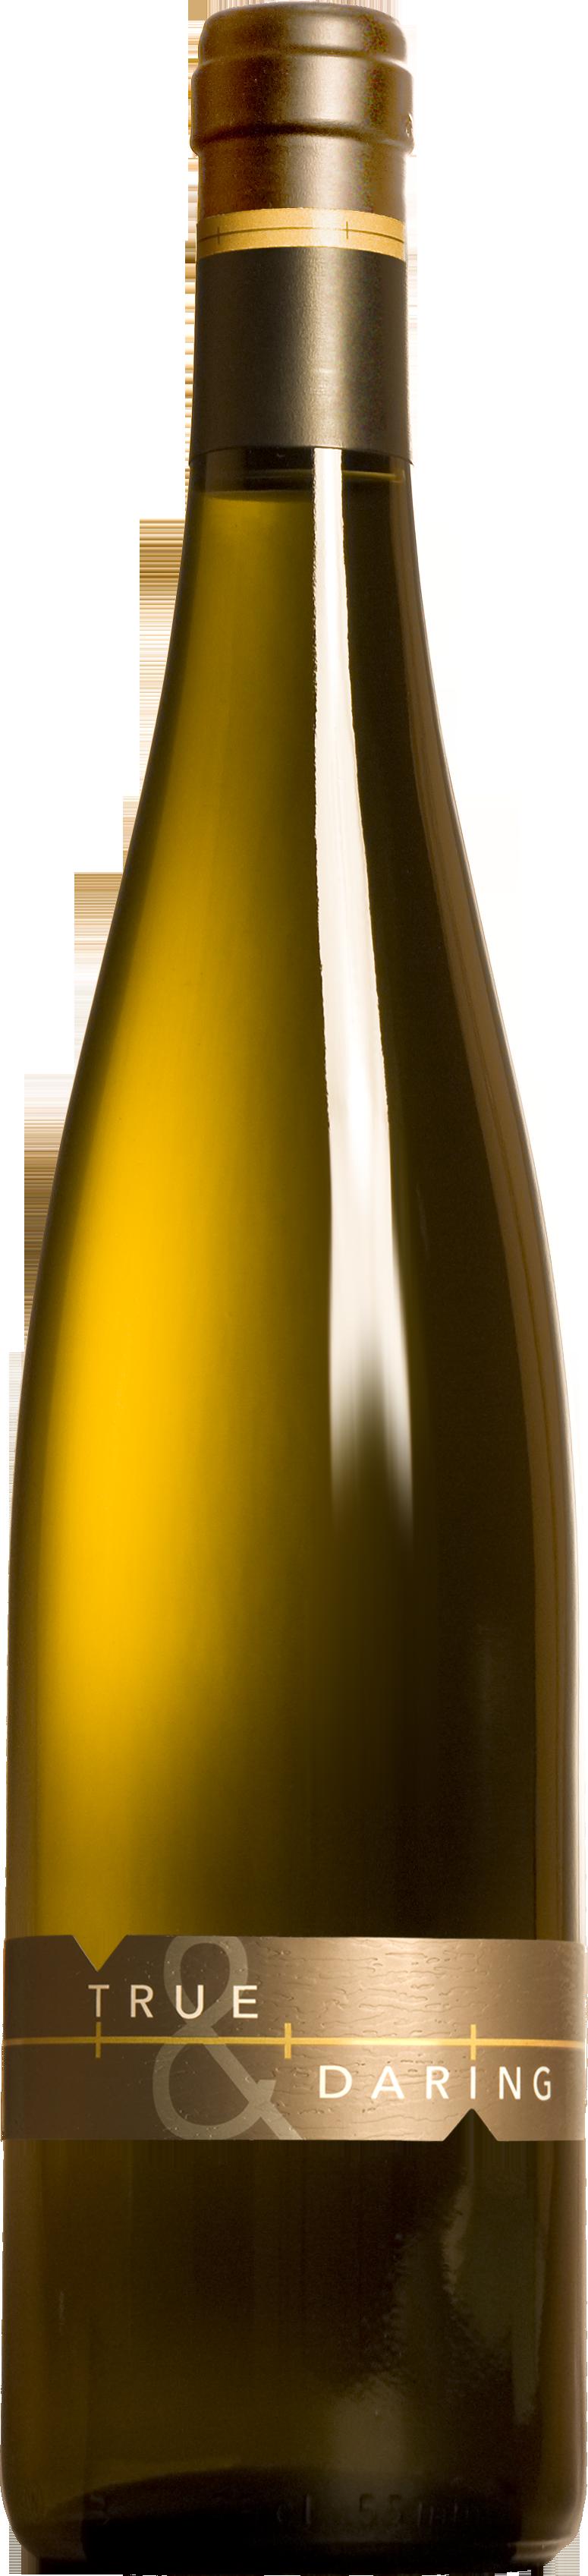 Download Png Image Wine Bottle Png Image Bottle Wine Bottle Wine